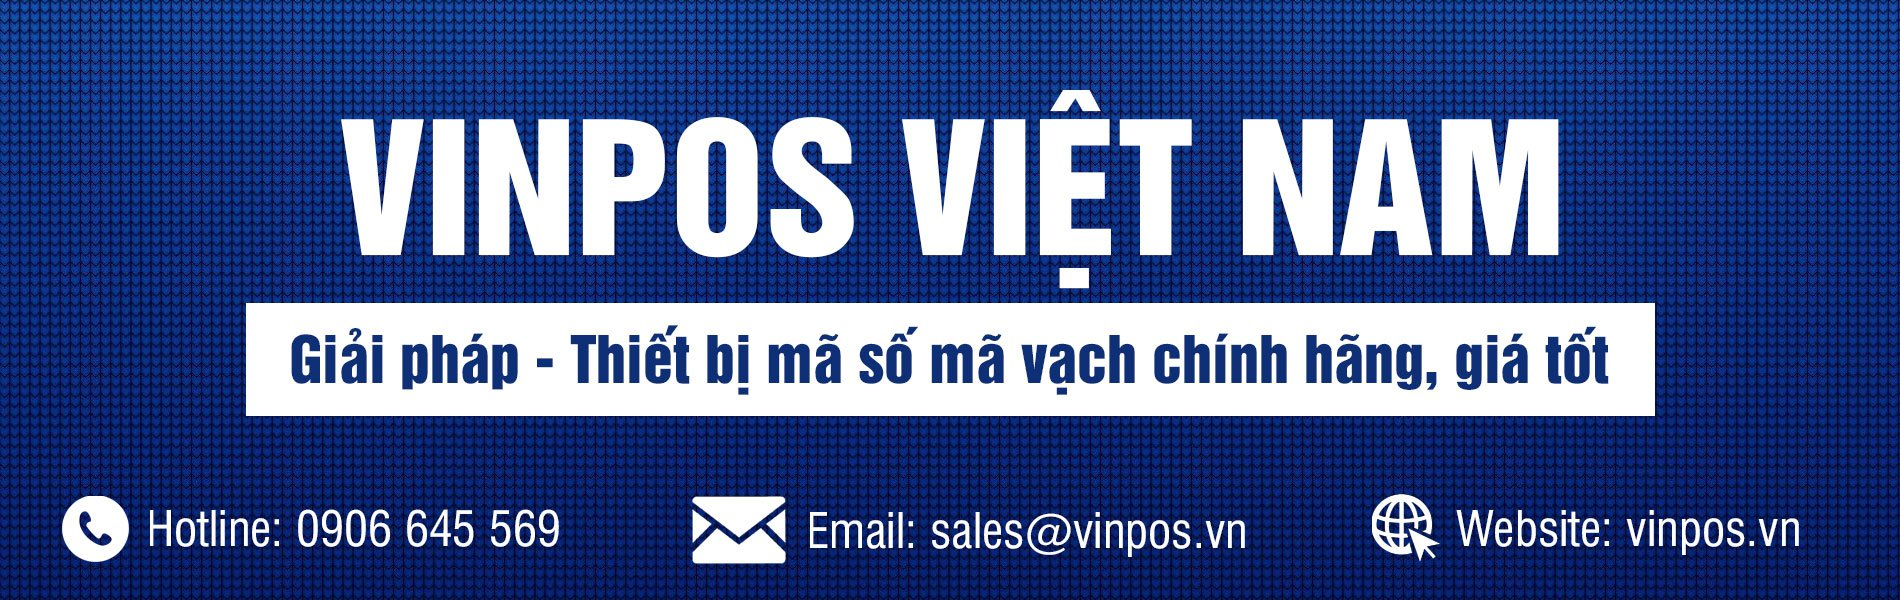 VINPOS.VN - Nhà phân phối thiết bị mã số mã vạch chính hãng, giá tốt